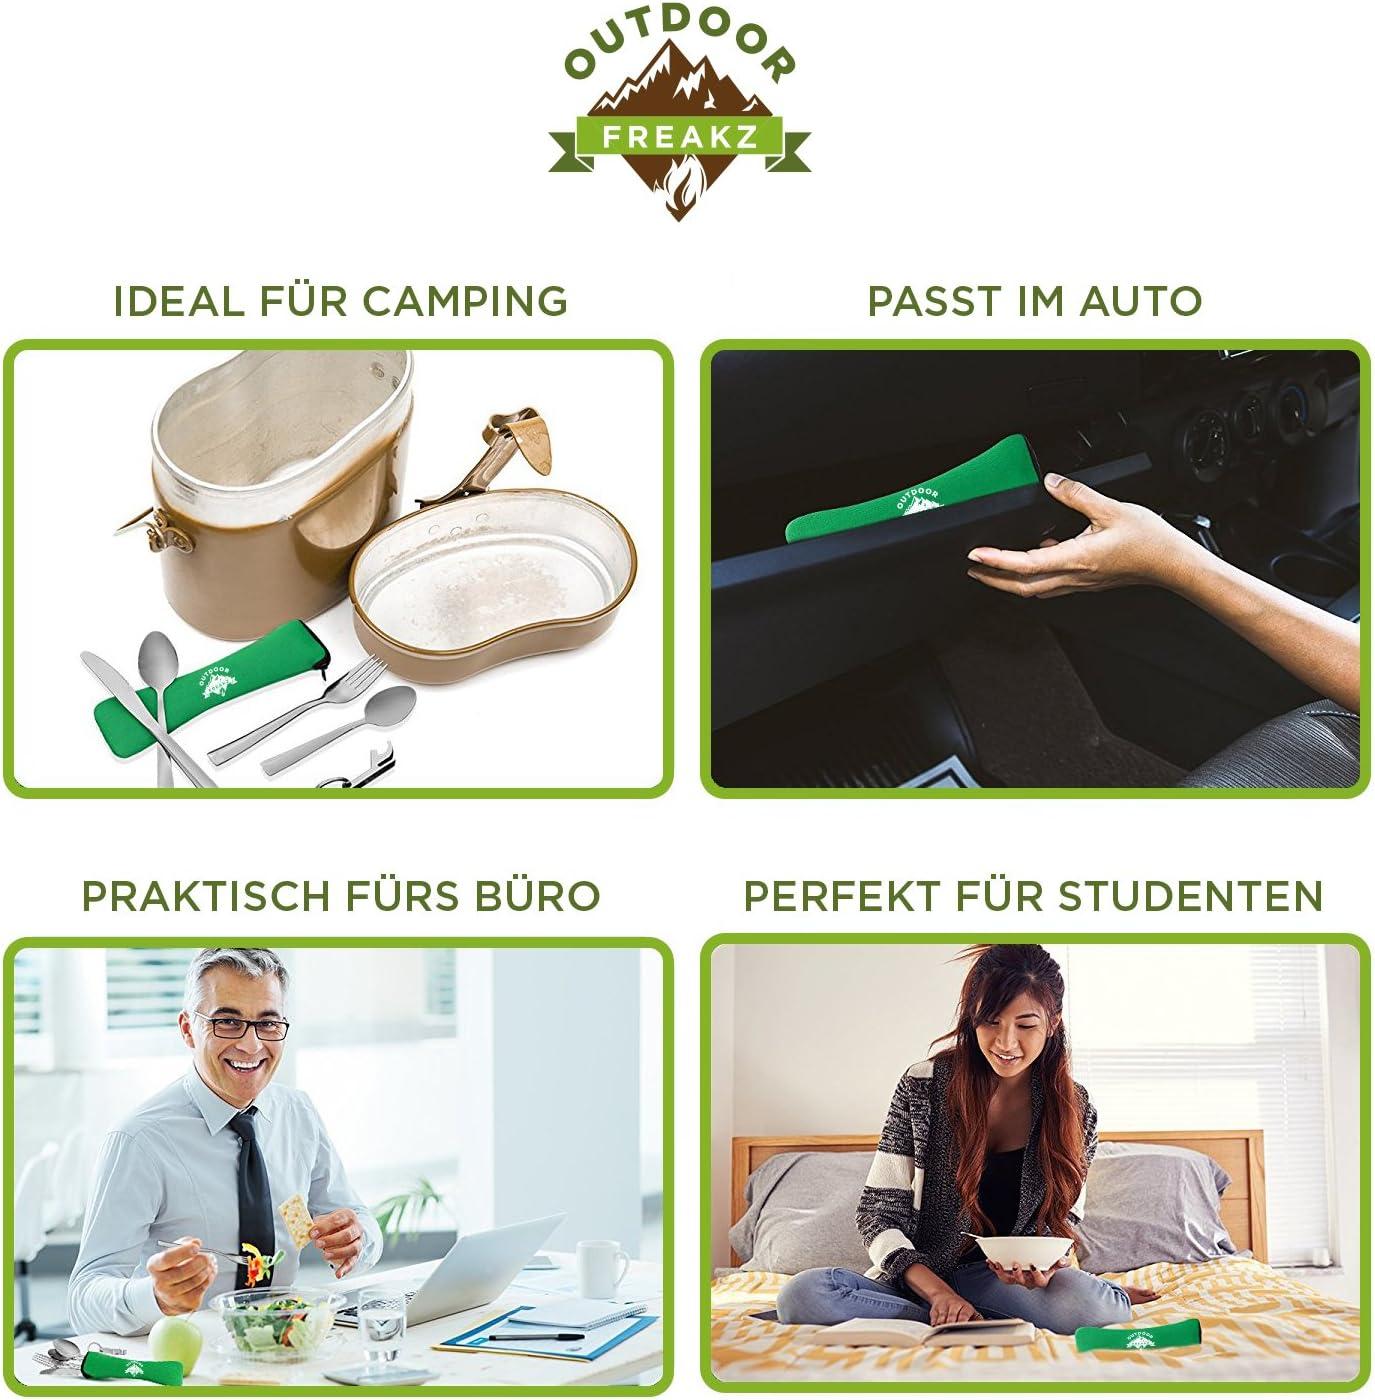 Couverts de campingOUTDOOR FREAKZ Couverts de Camping en Acier Inoxydable avec Sac en néoprène 4pack +